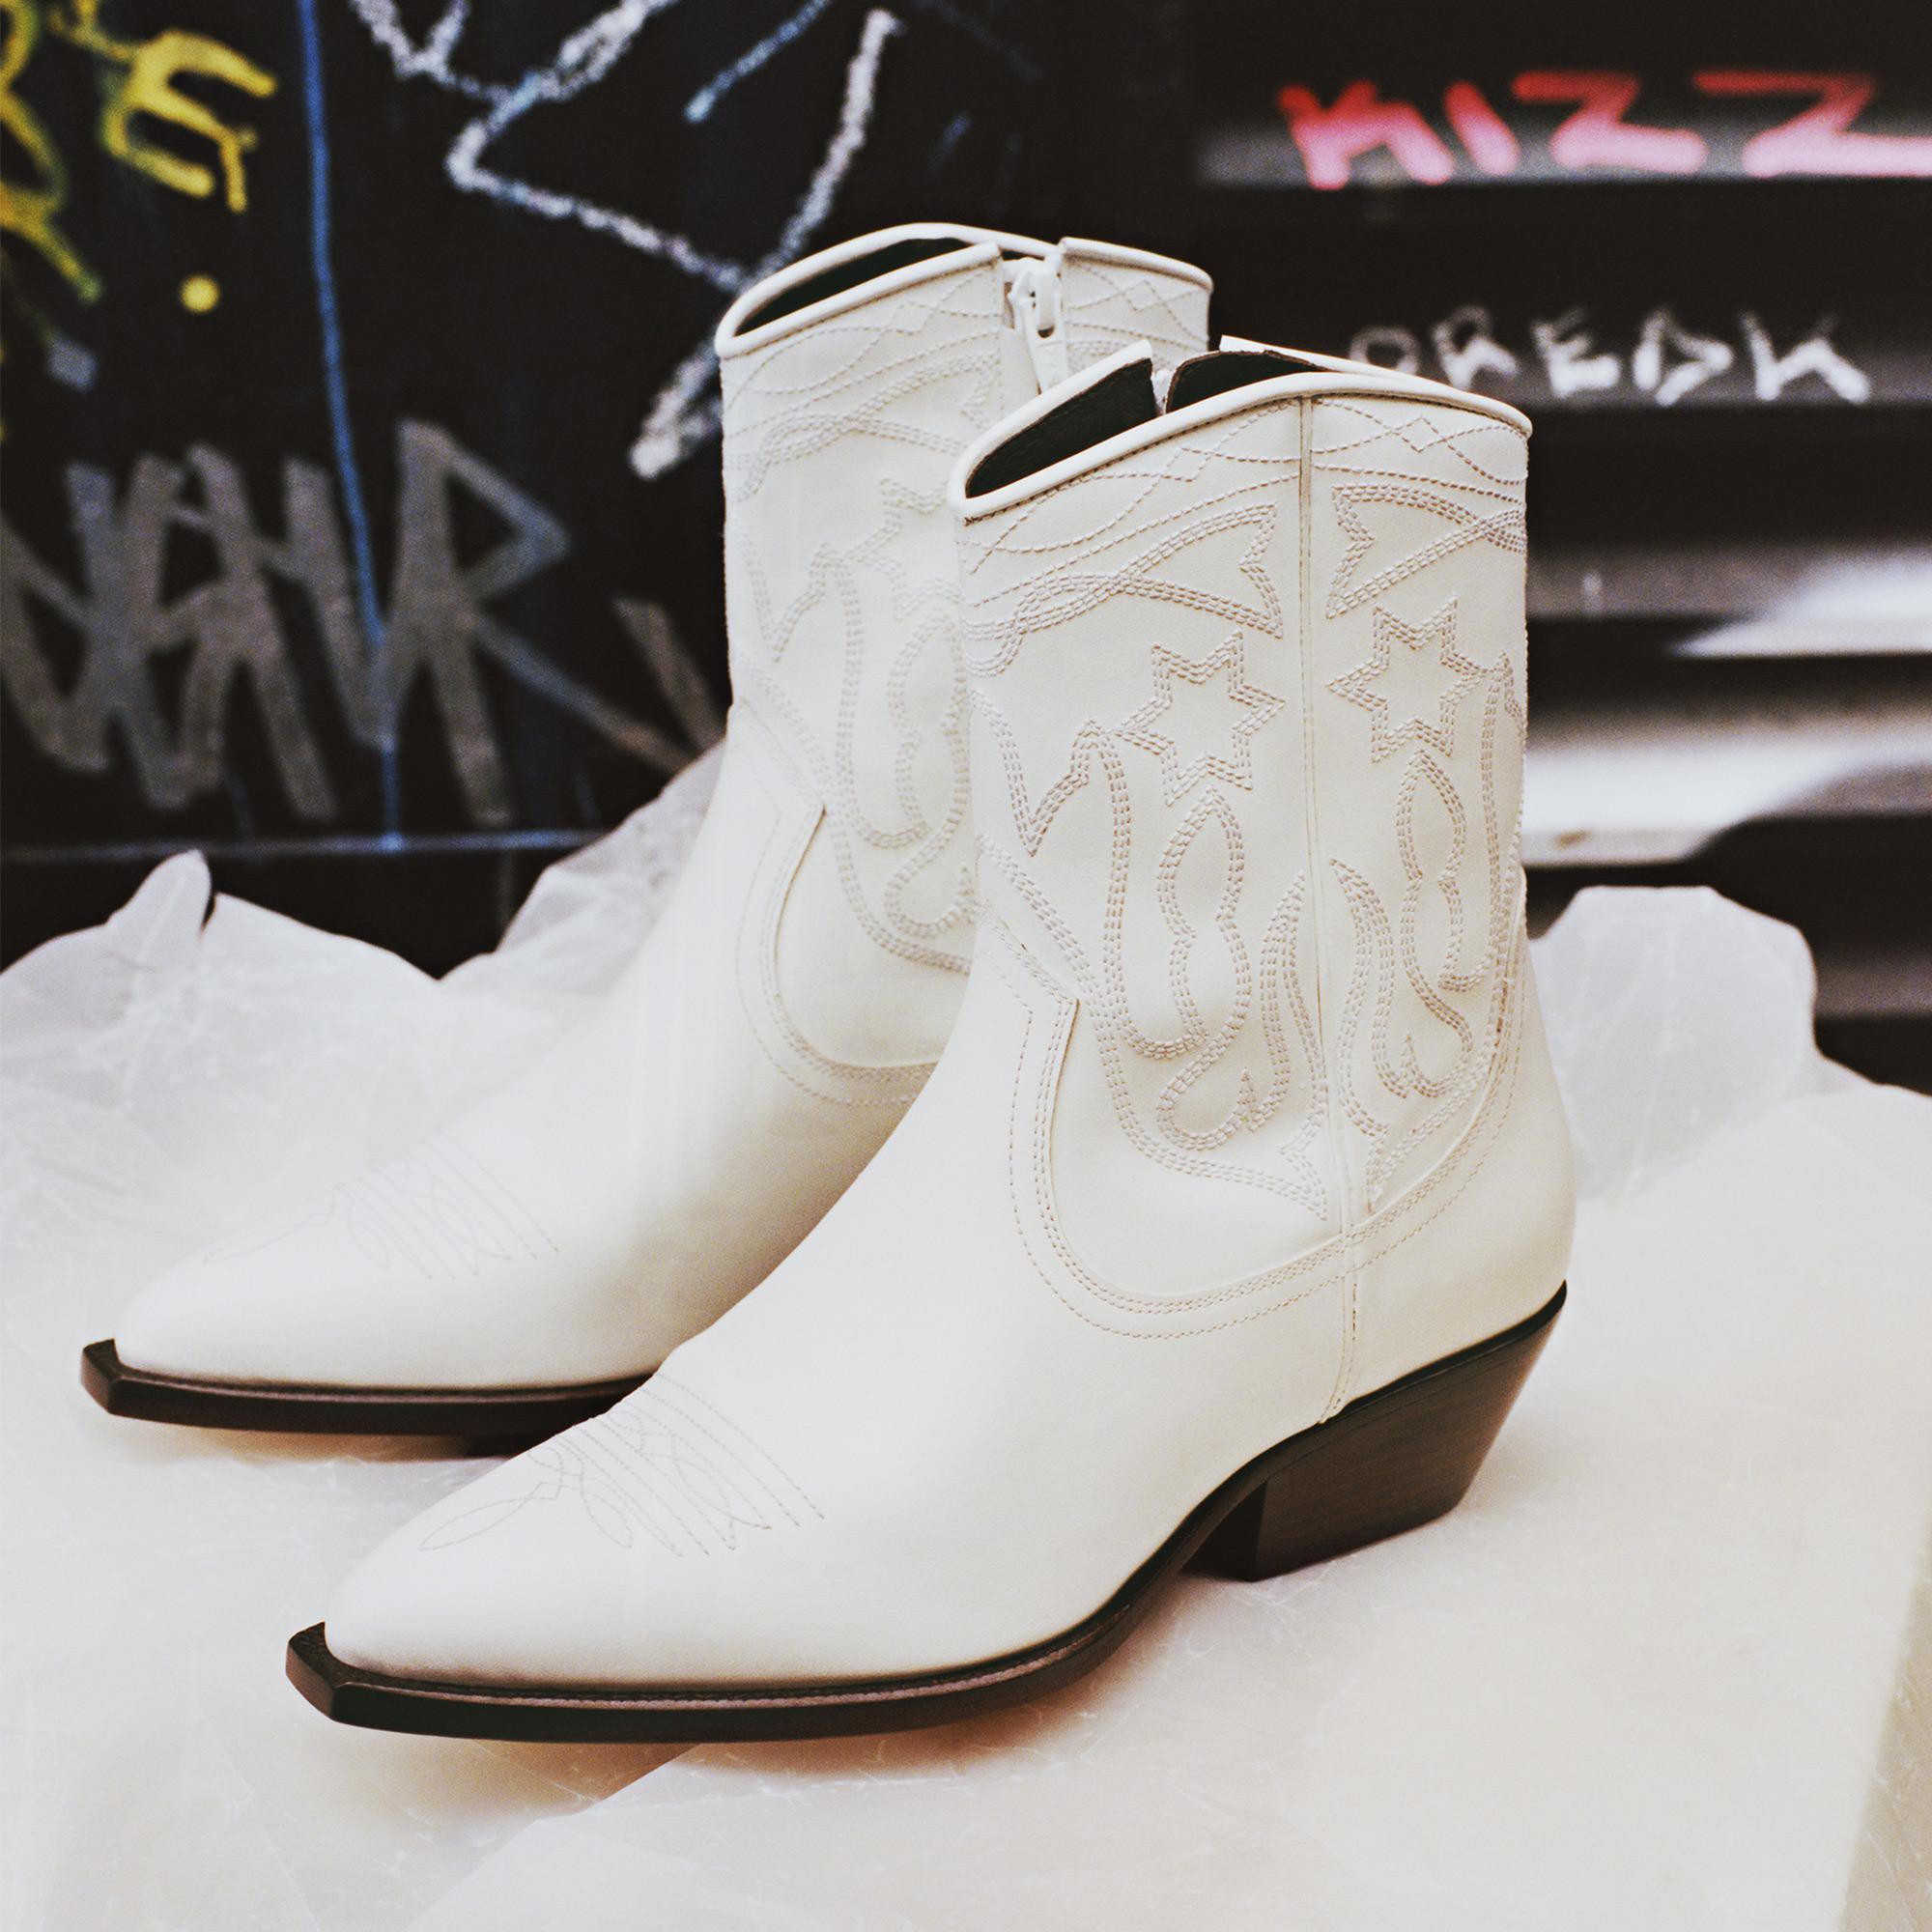 48d13d48f3d Leather cowboy boots